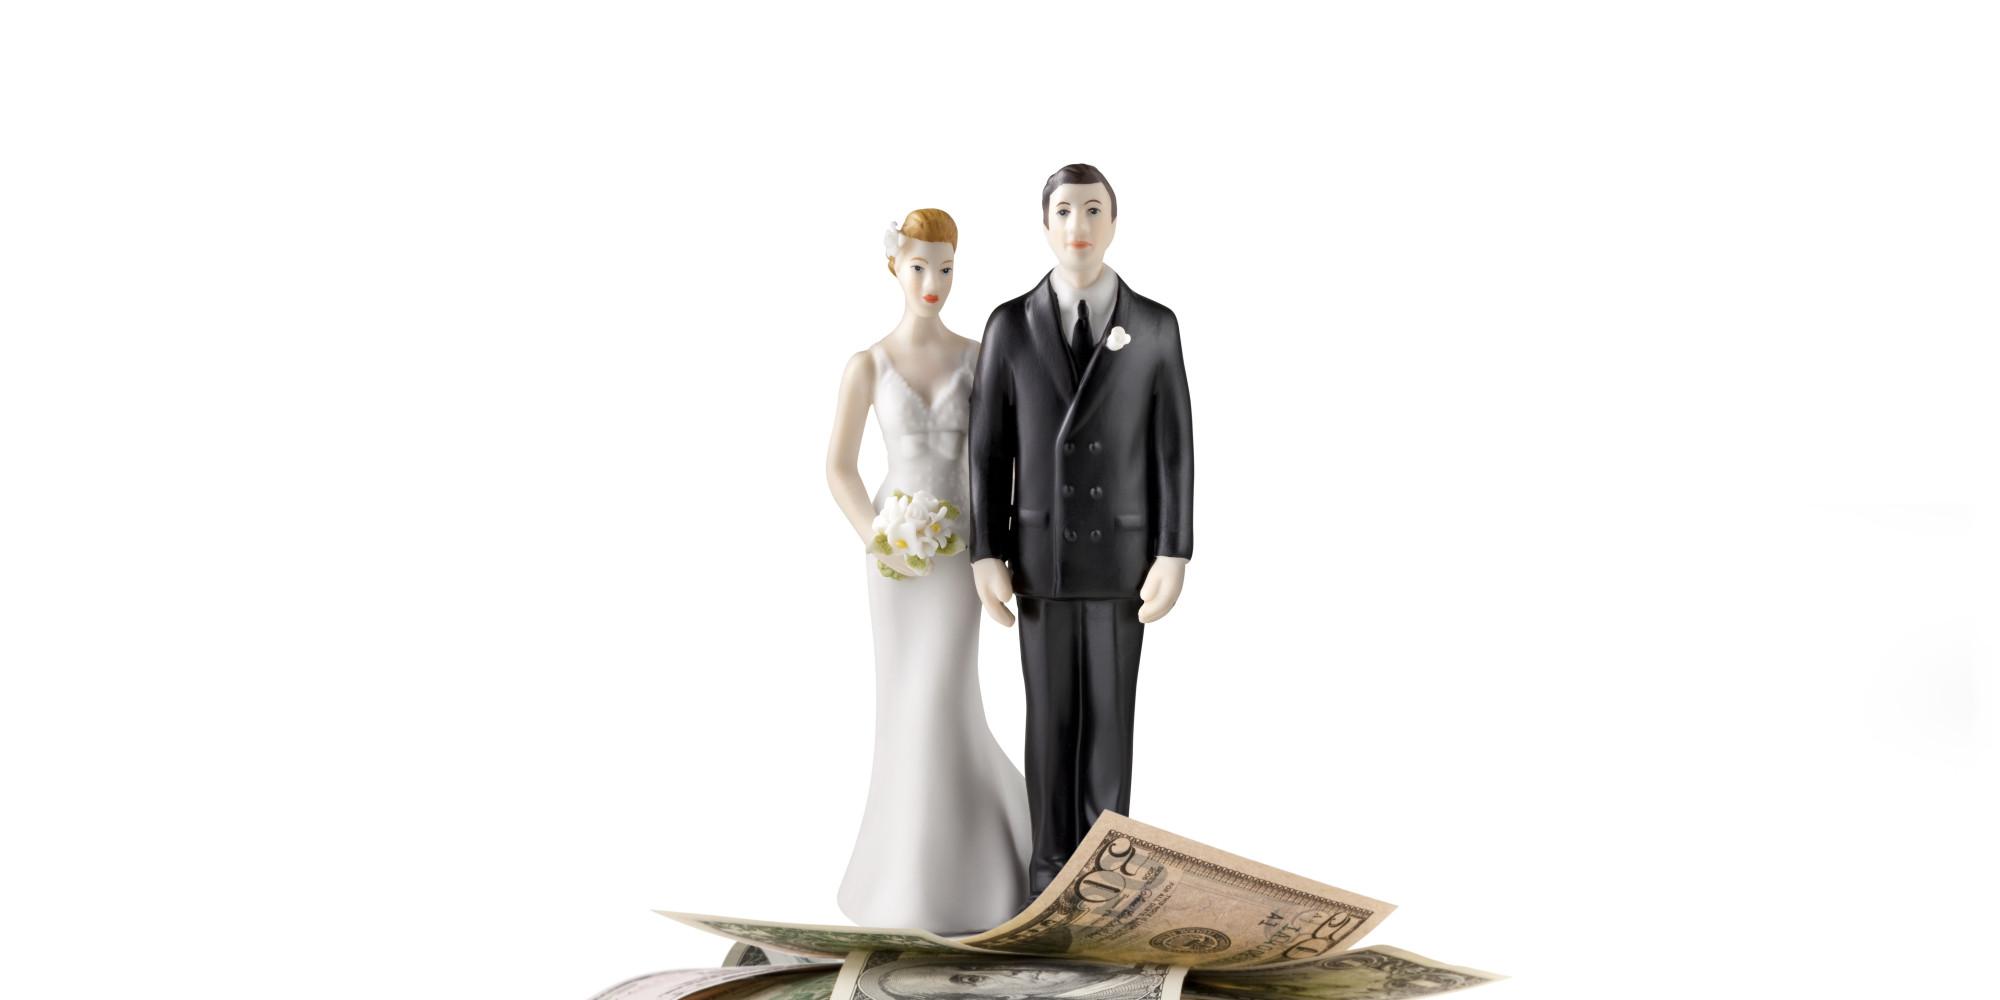 combien donnent en moyenne les invit s un mariage nathalie bernard. Black Bedroom Furniture Sets. Home Design Ideas